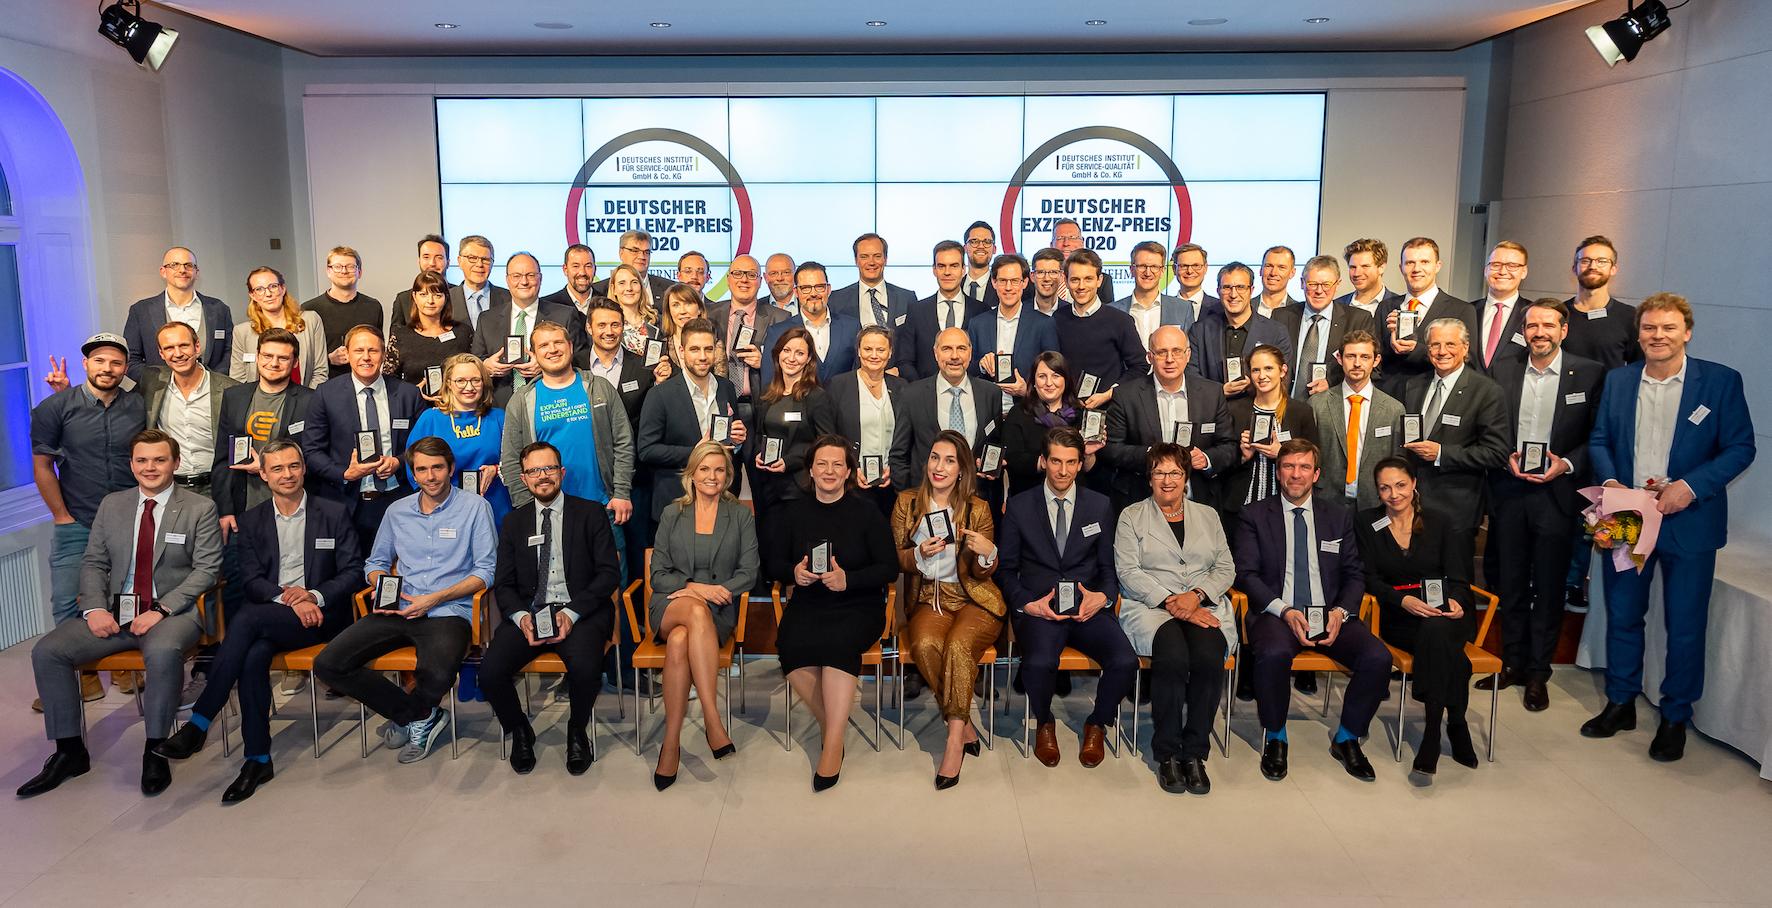 Deutscher Exzellenz-Preis 2020 Gewinner